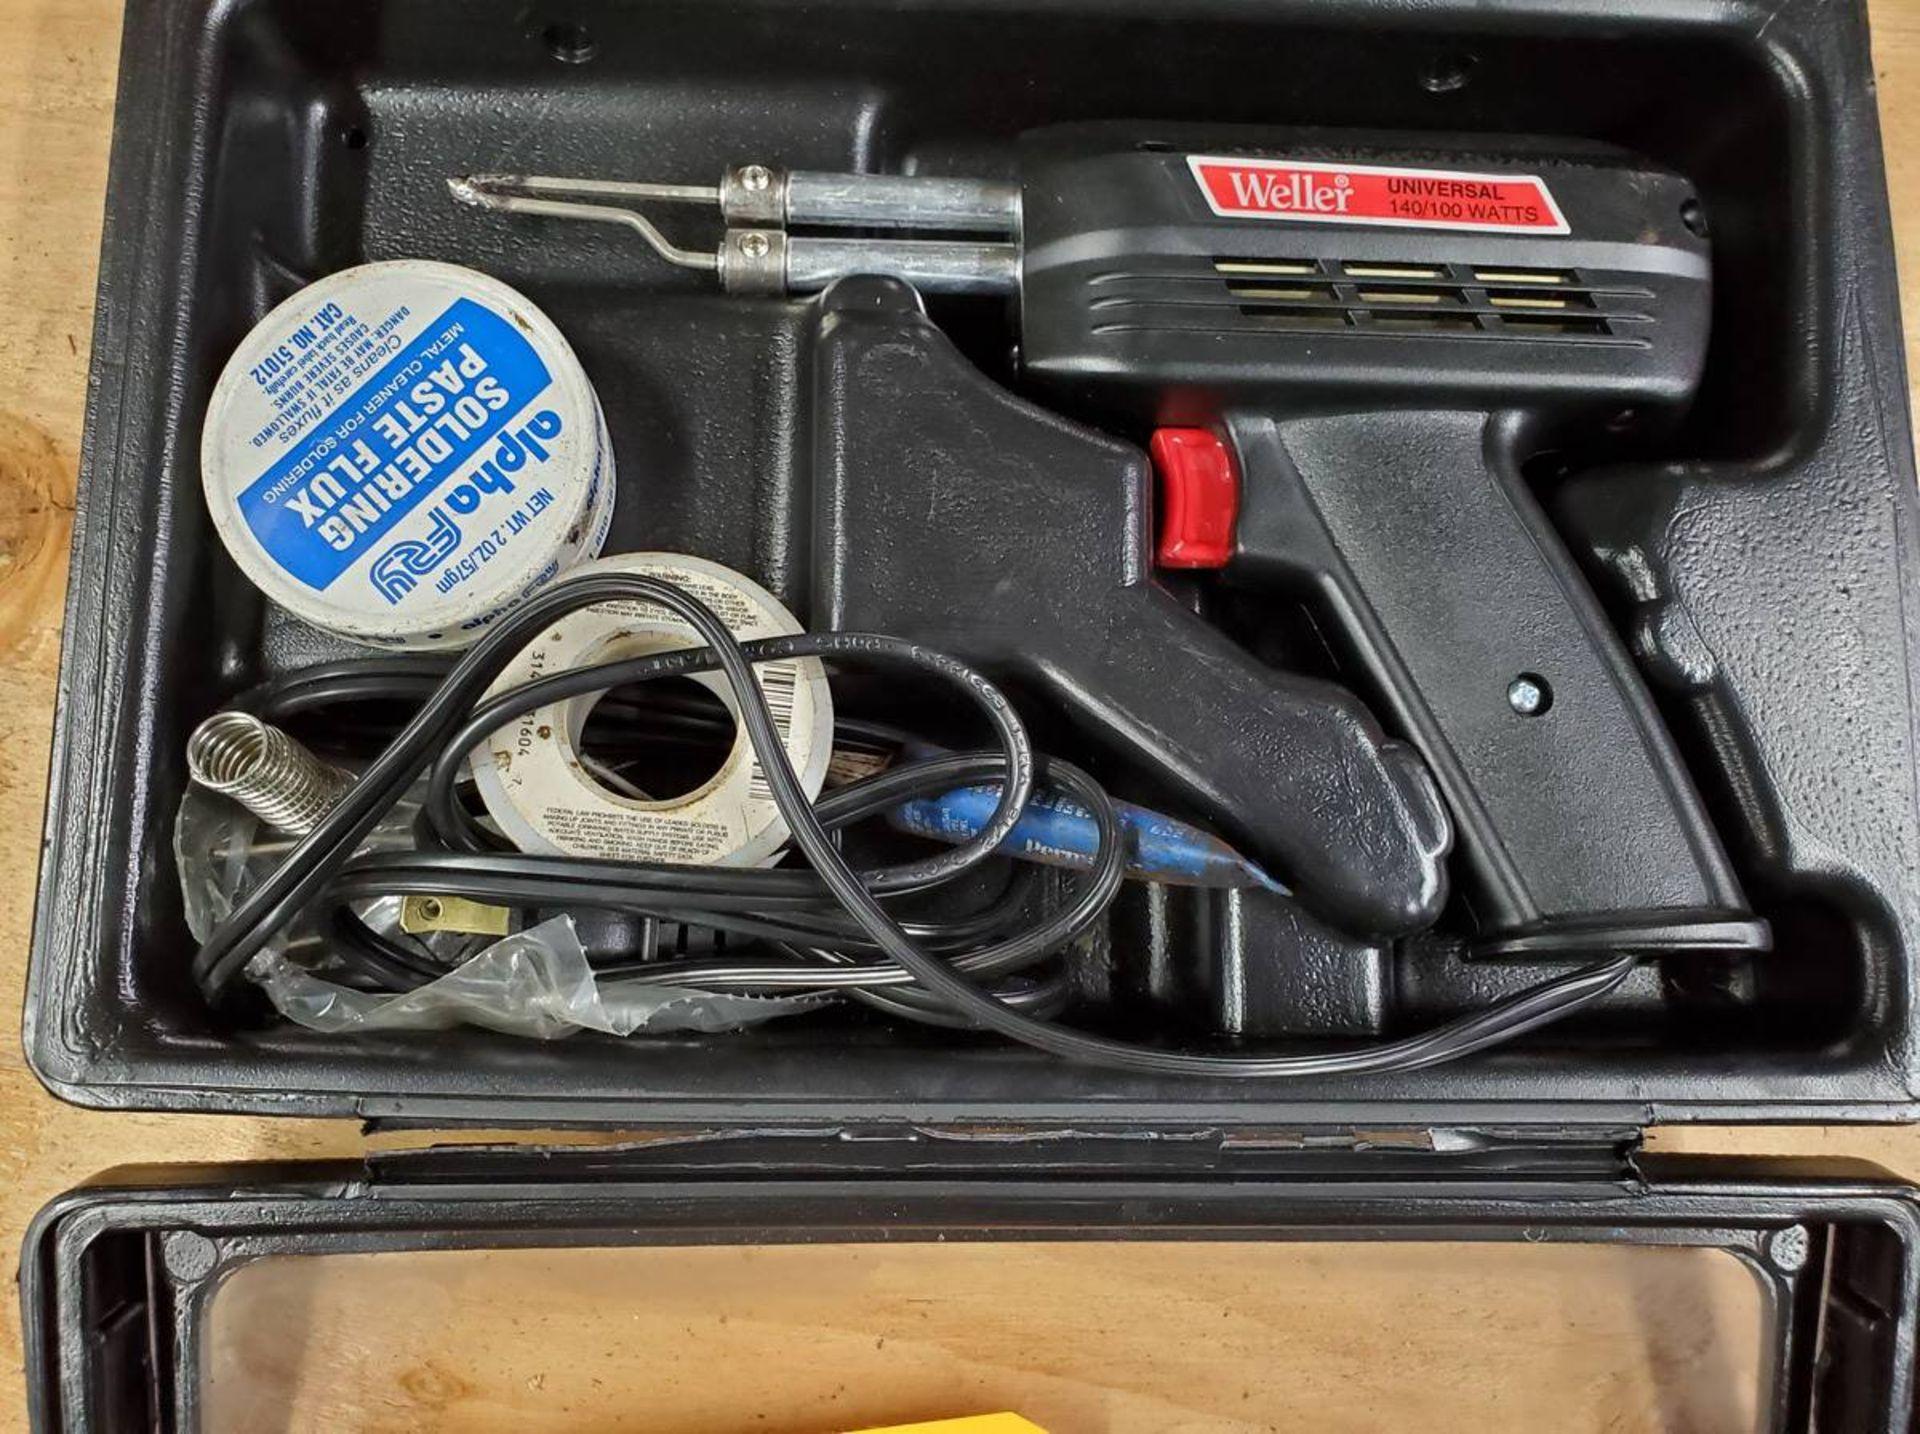 Weller Soldering Gun Kits - Image 2 of 3